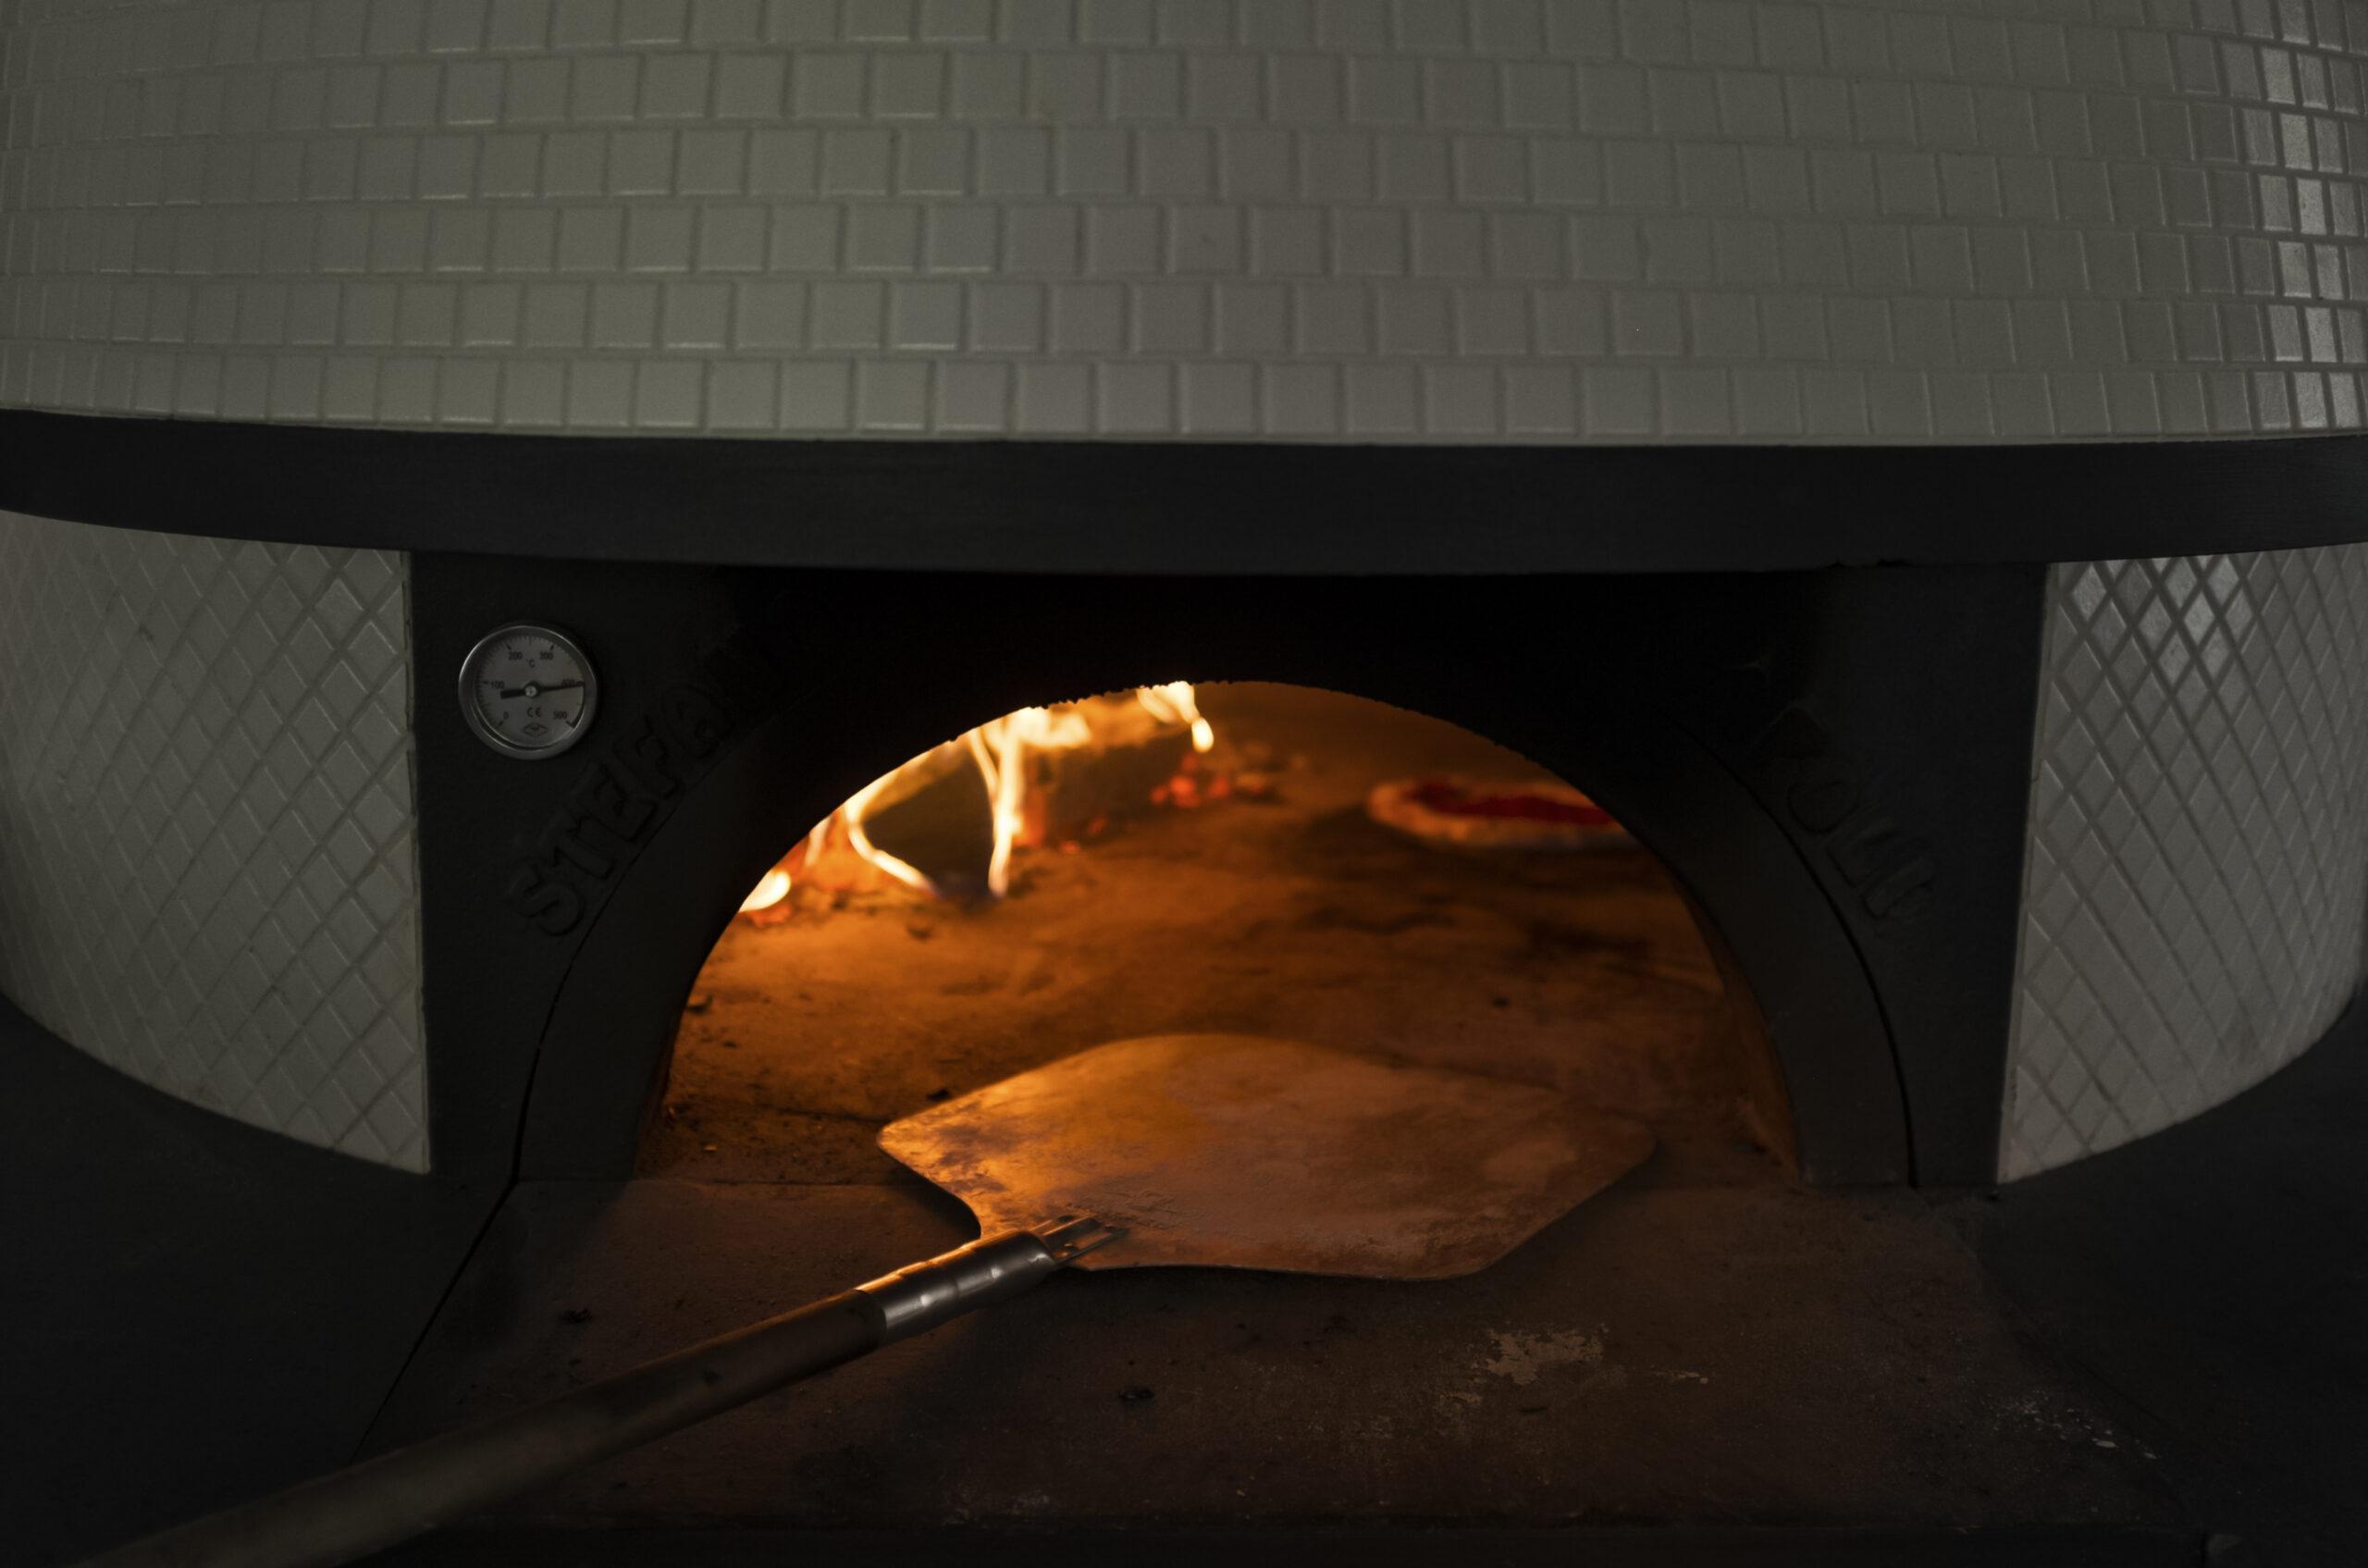 Pizza or Focaccia?